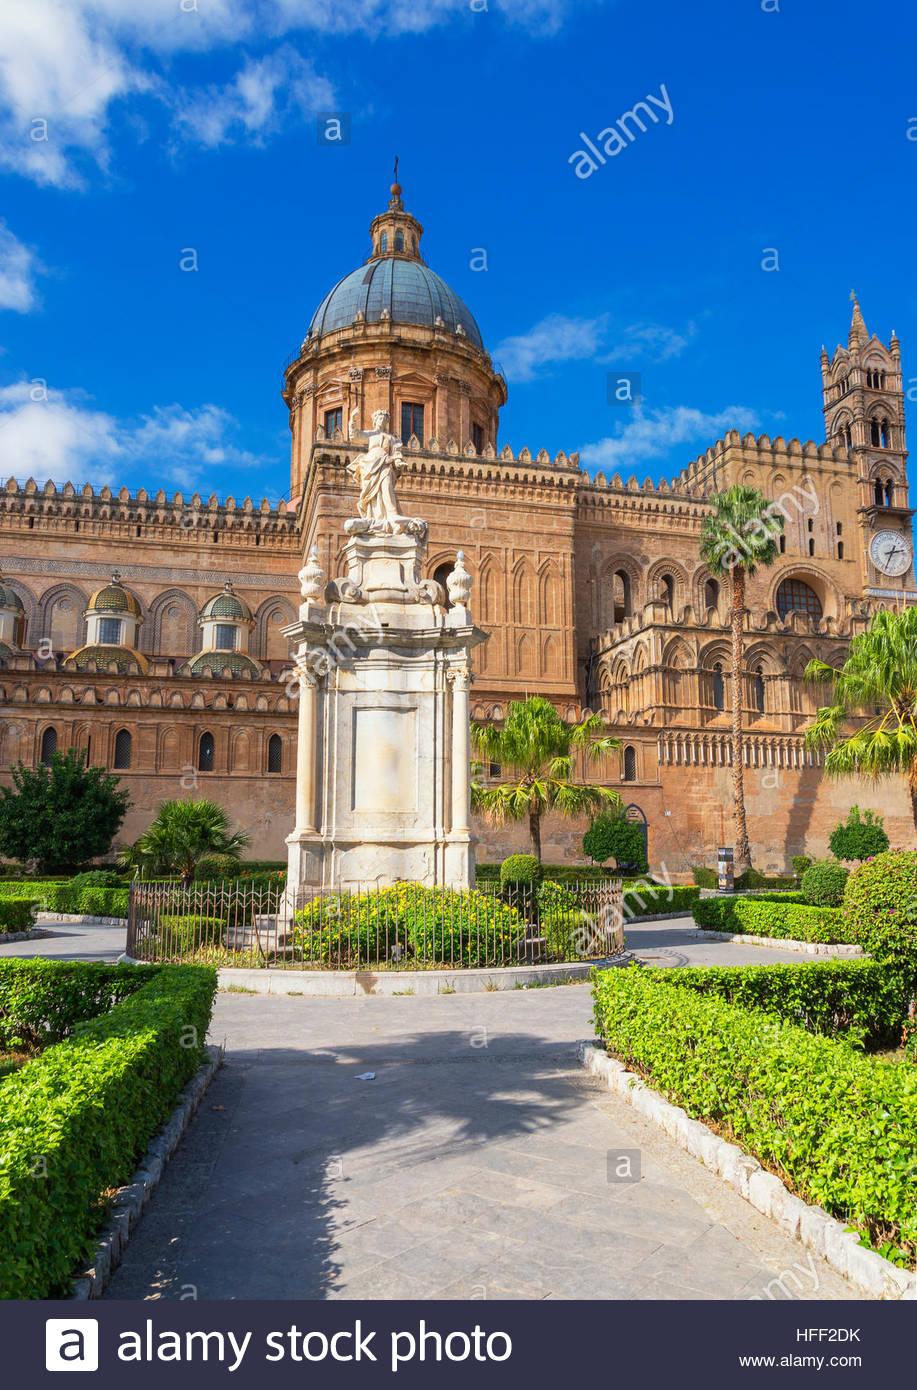 La Cattedrale di Palermo, Palermo, Sicilia, Italia, Europa Immagini Stock